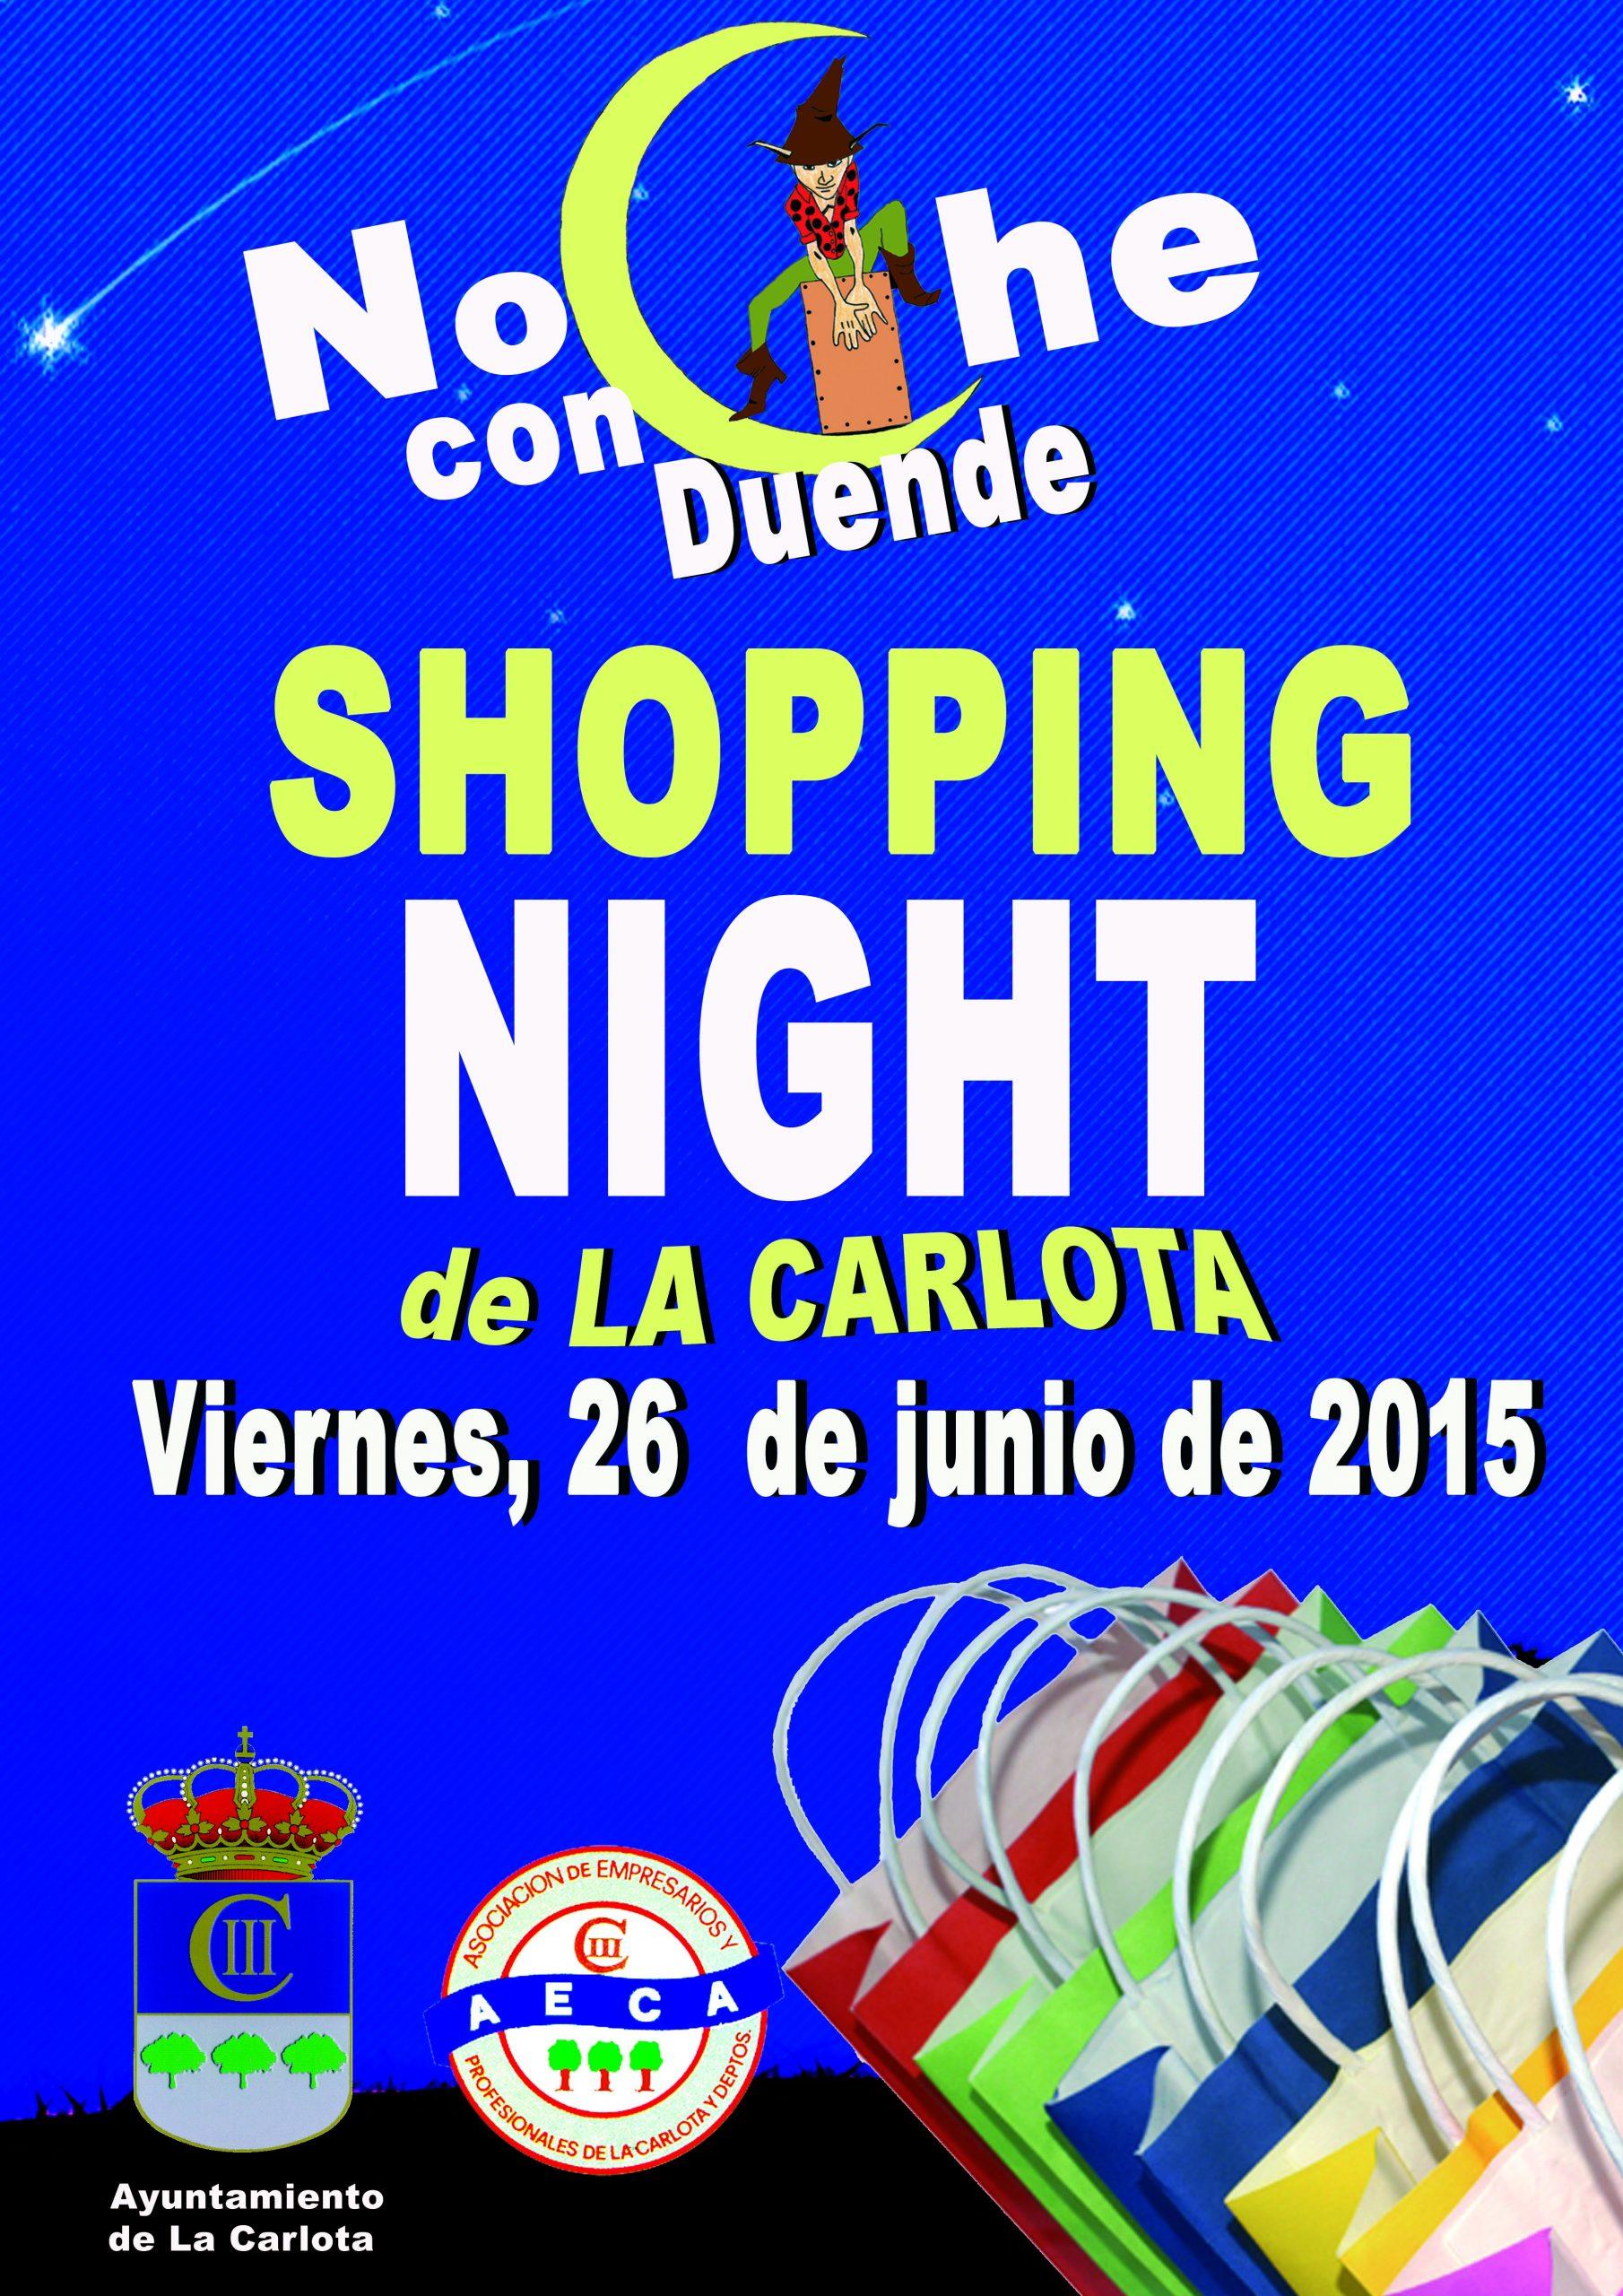 TIENDAS PARTICIPANTES EN LA SHOPPING NIGHT 1